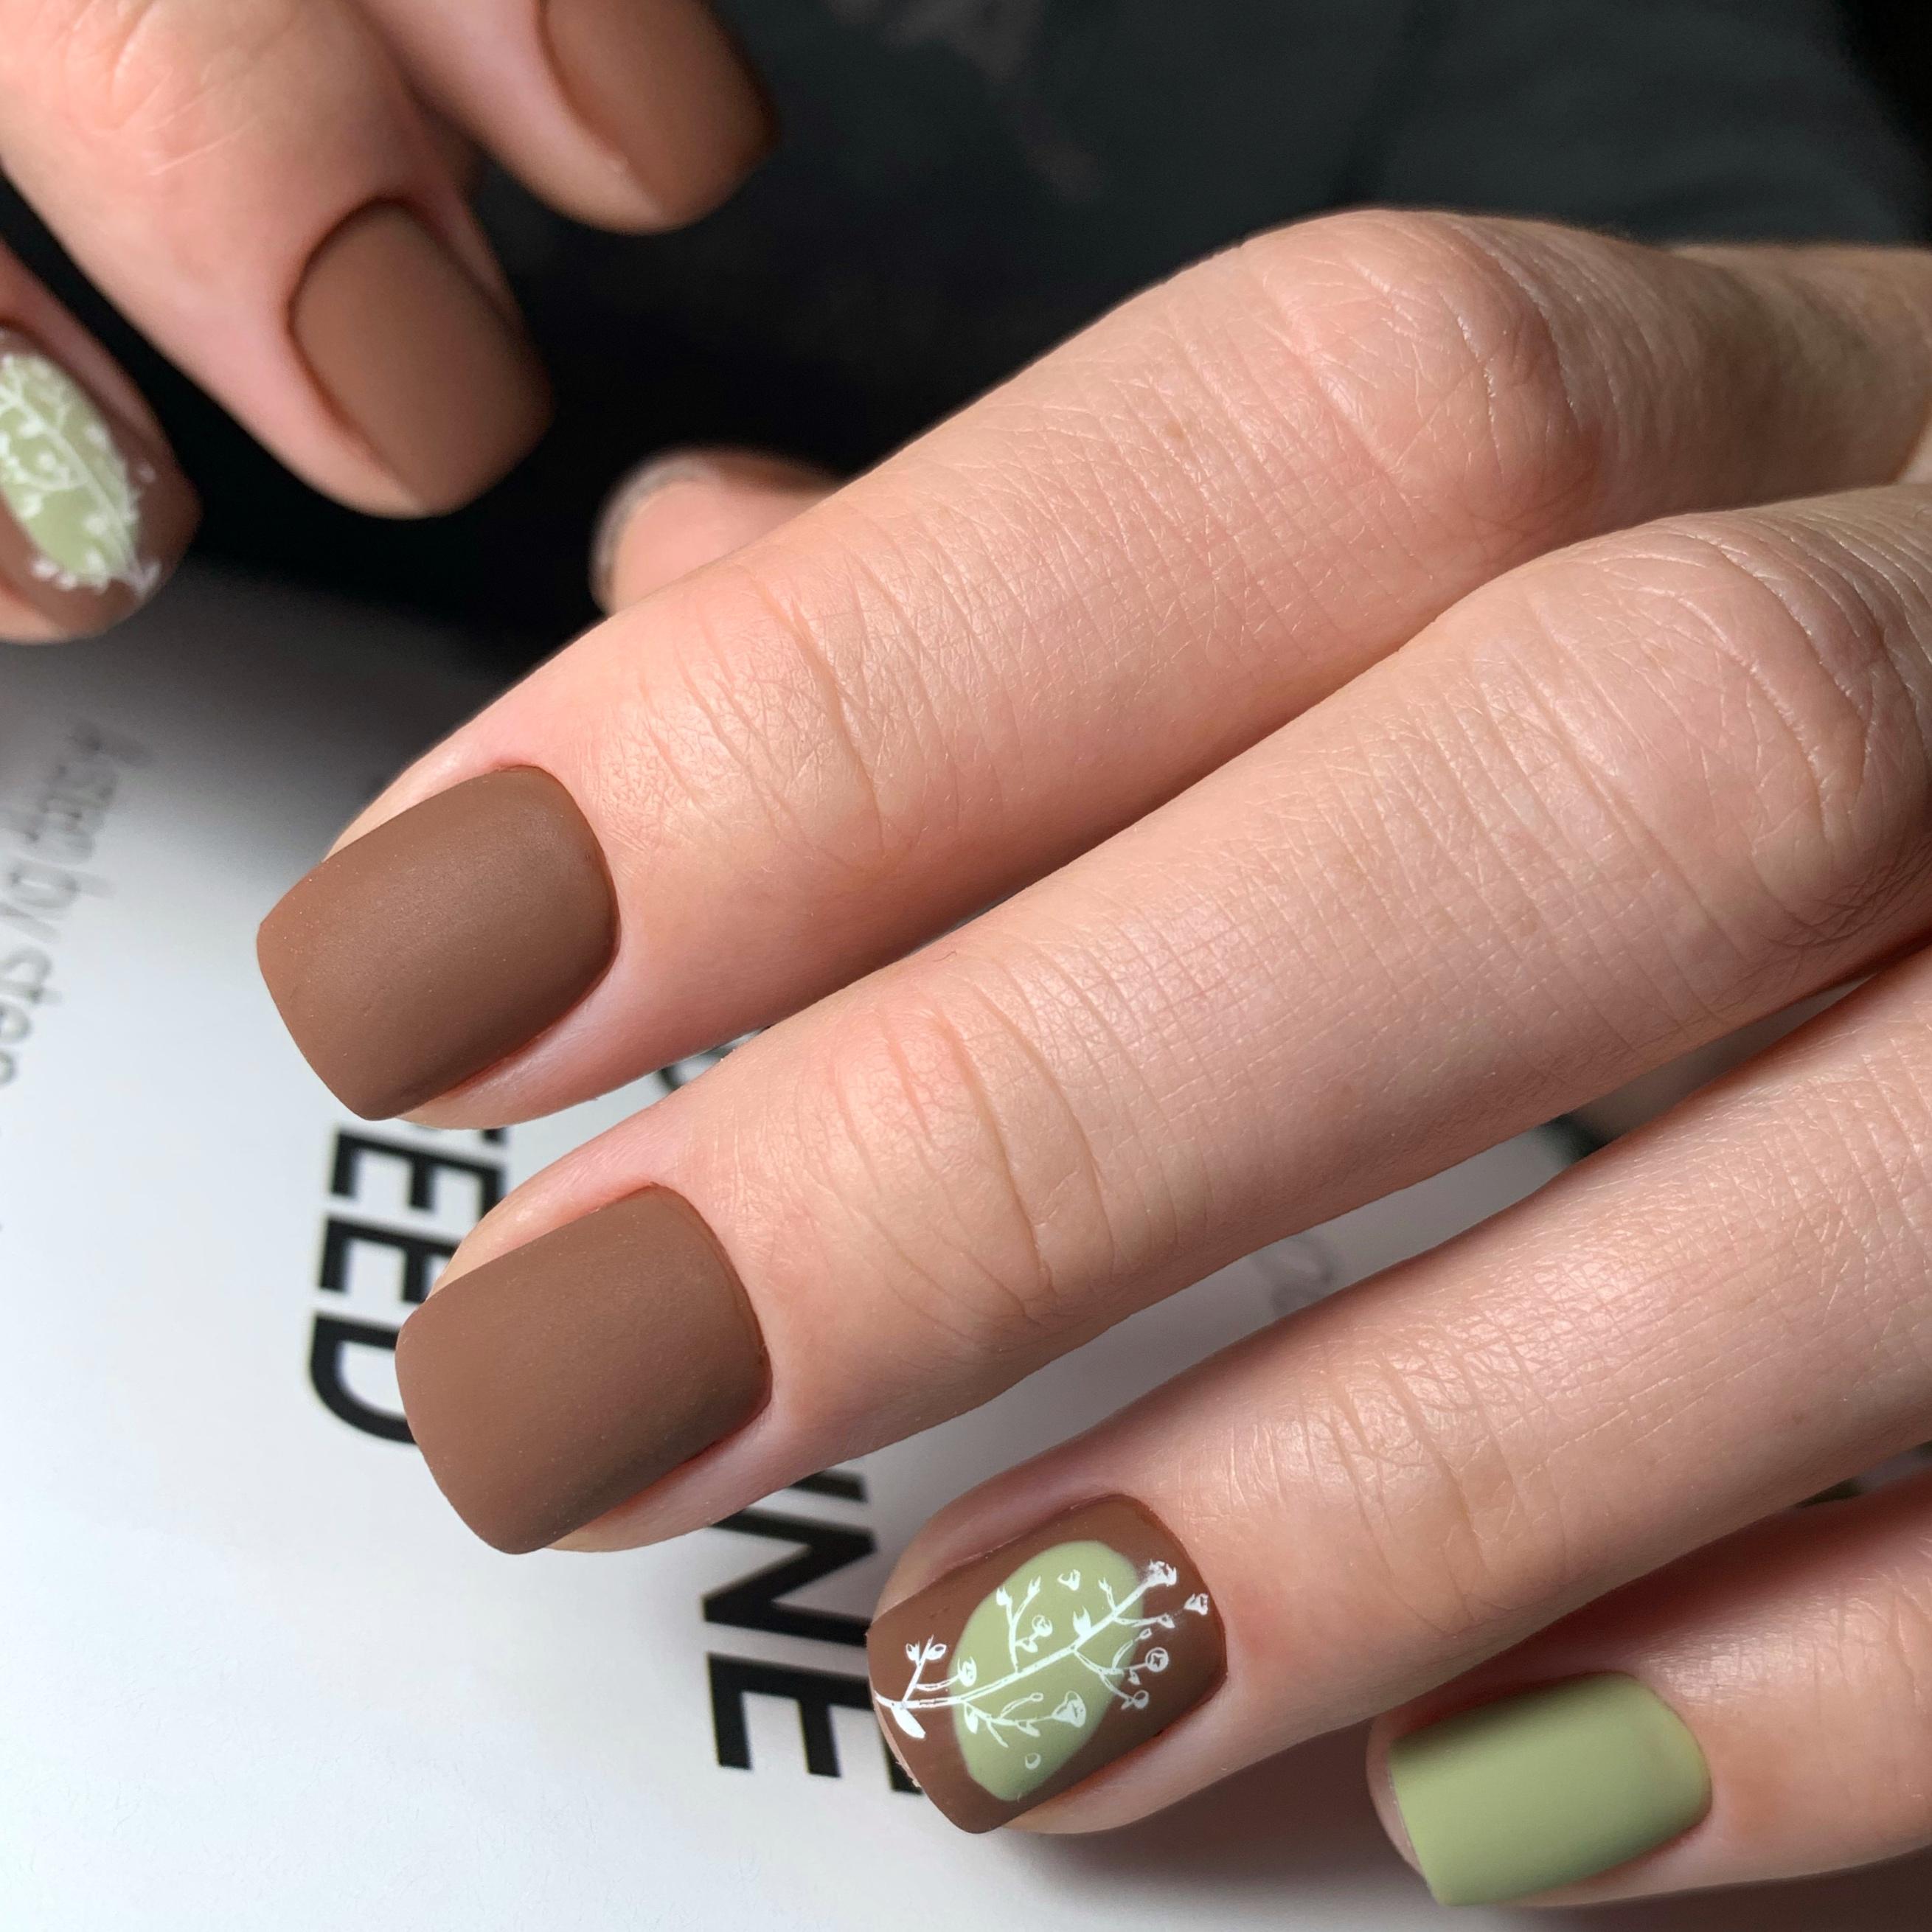 Матовый маникюр с растительным рисунком в коричневом цвете на короткие ногти.